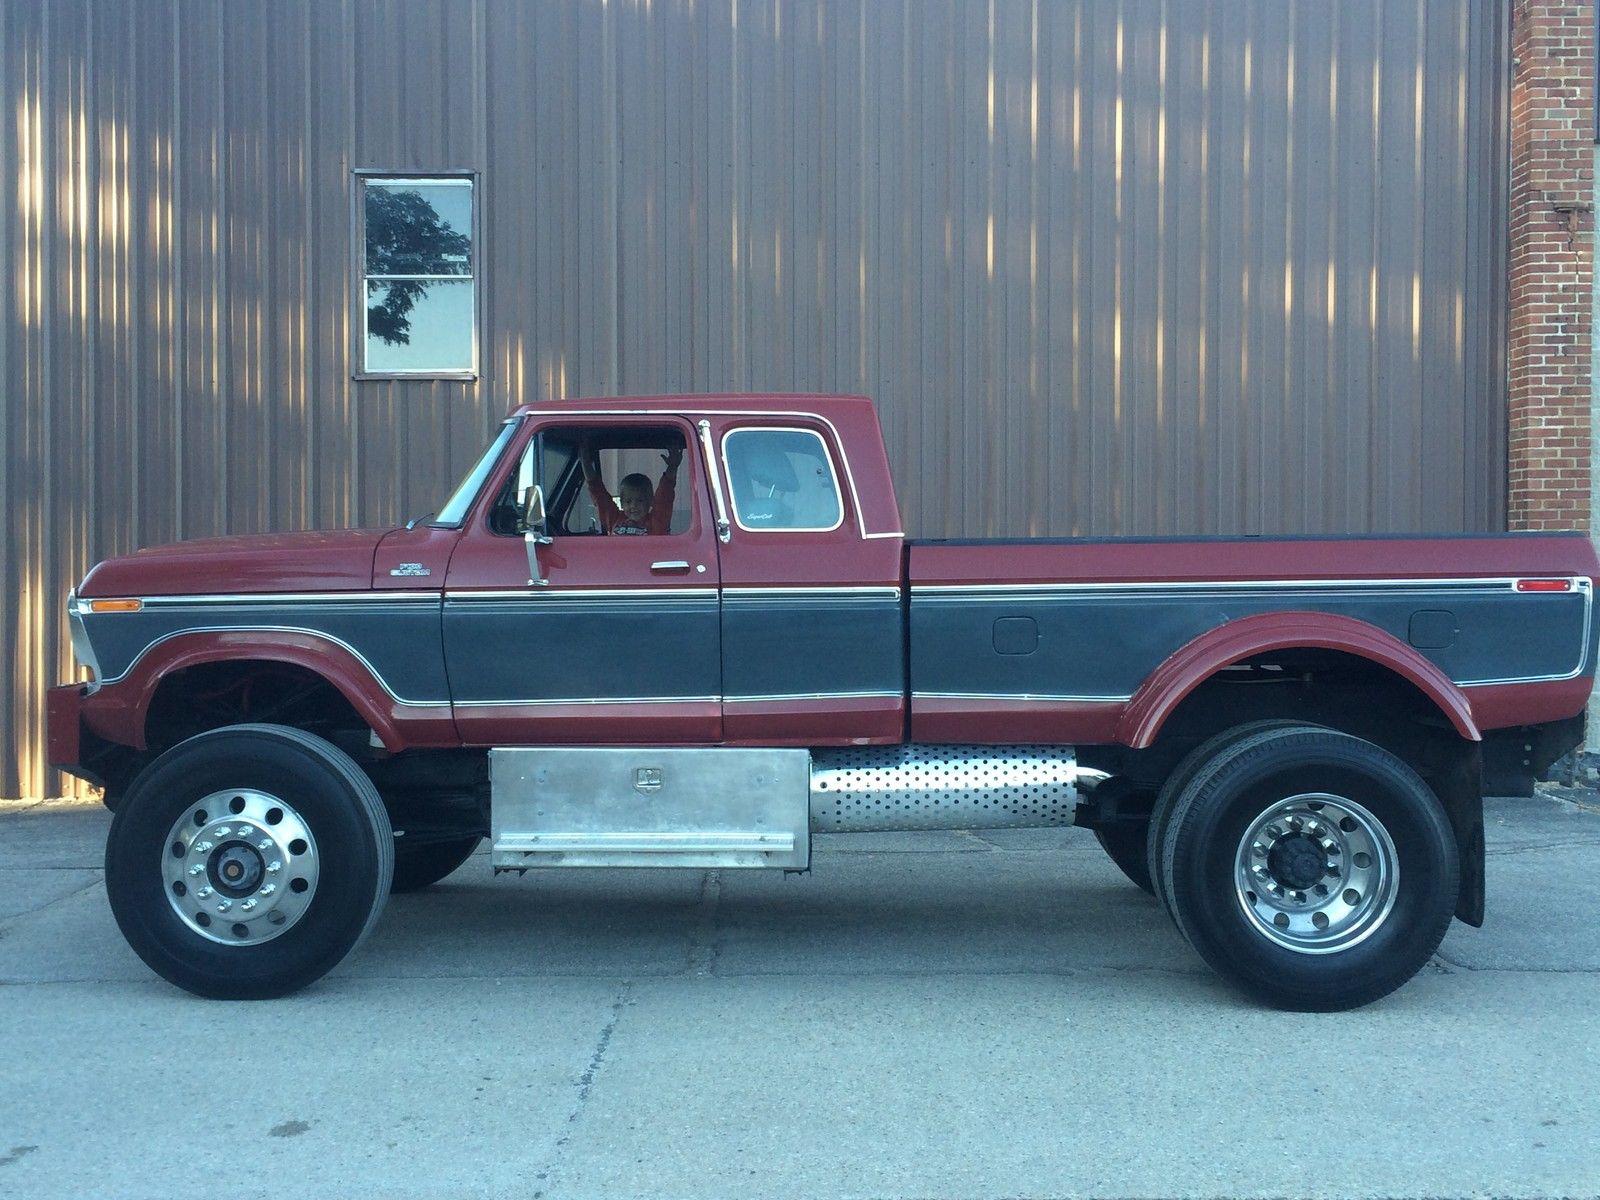 Image Result For Ford F250 High Boy Trucks T 1969 F 250 4x4 Highboy Fl 2